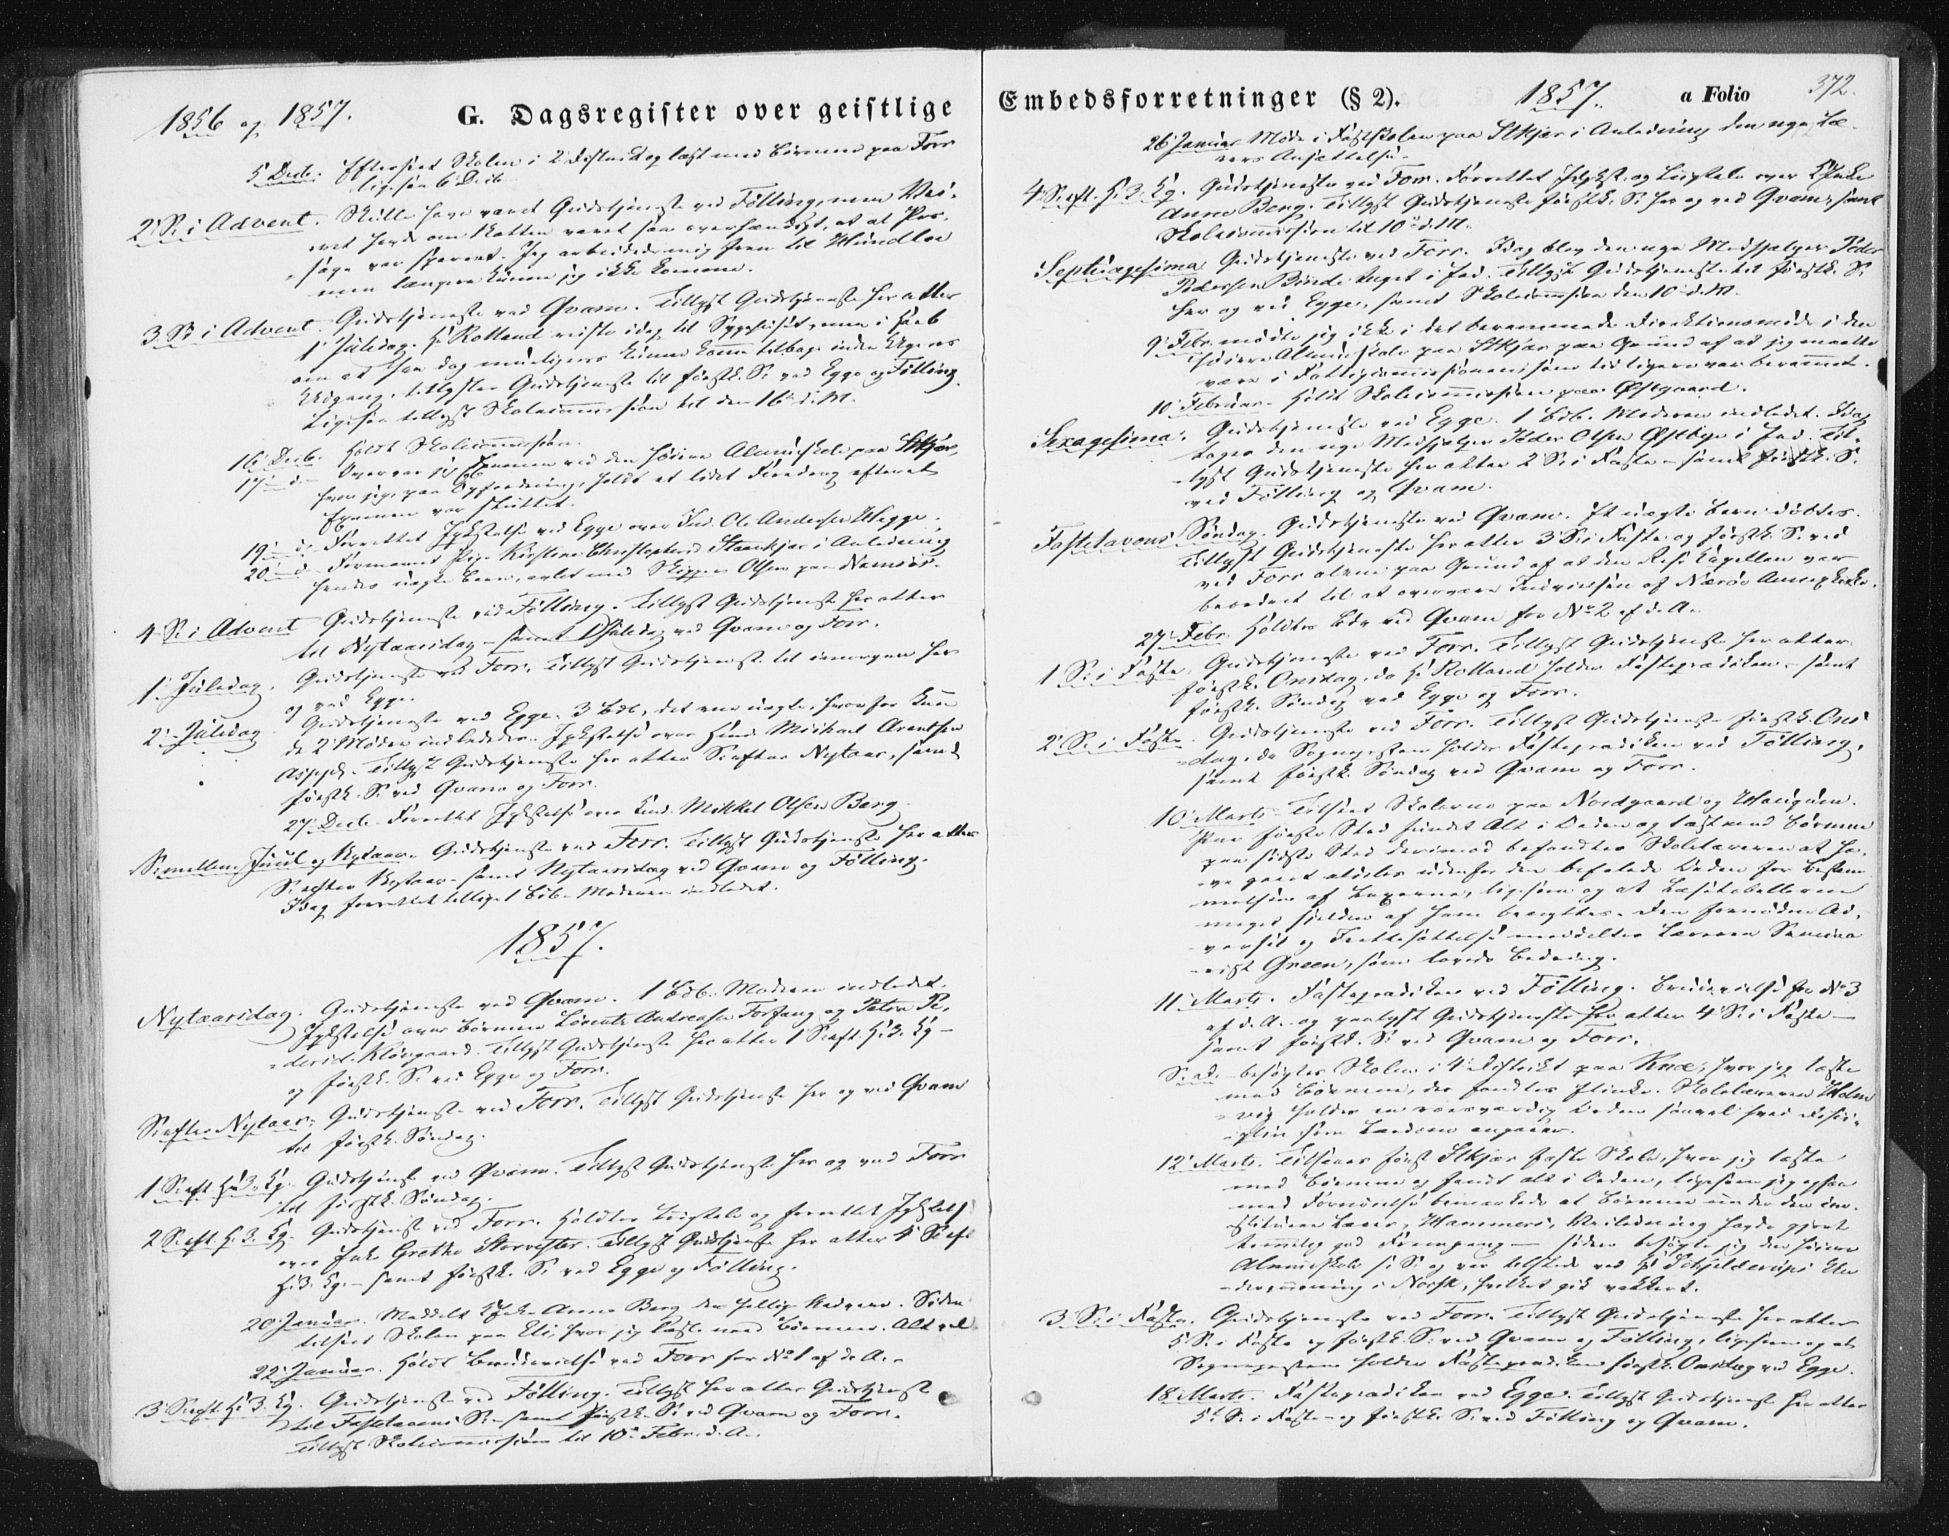 SAT, Ministerialprotokoller, klokkerbøker og fødselsregistre - Nord-Trøndelag, 746/L0446: Ministerialbok nr. 746A05, 1846-1859, s. 372